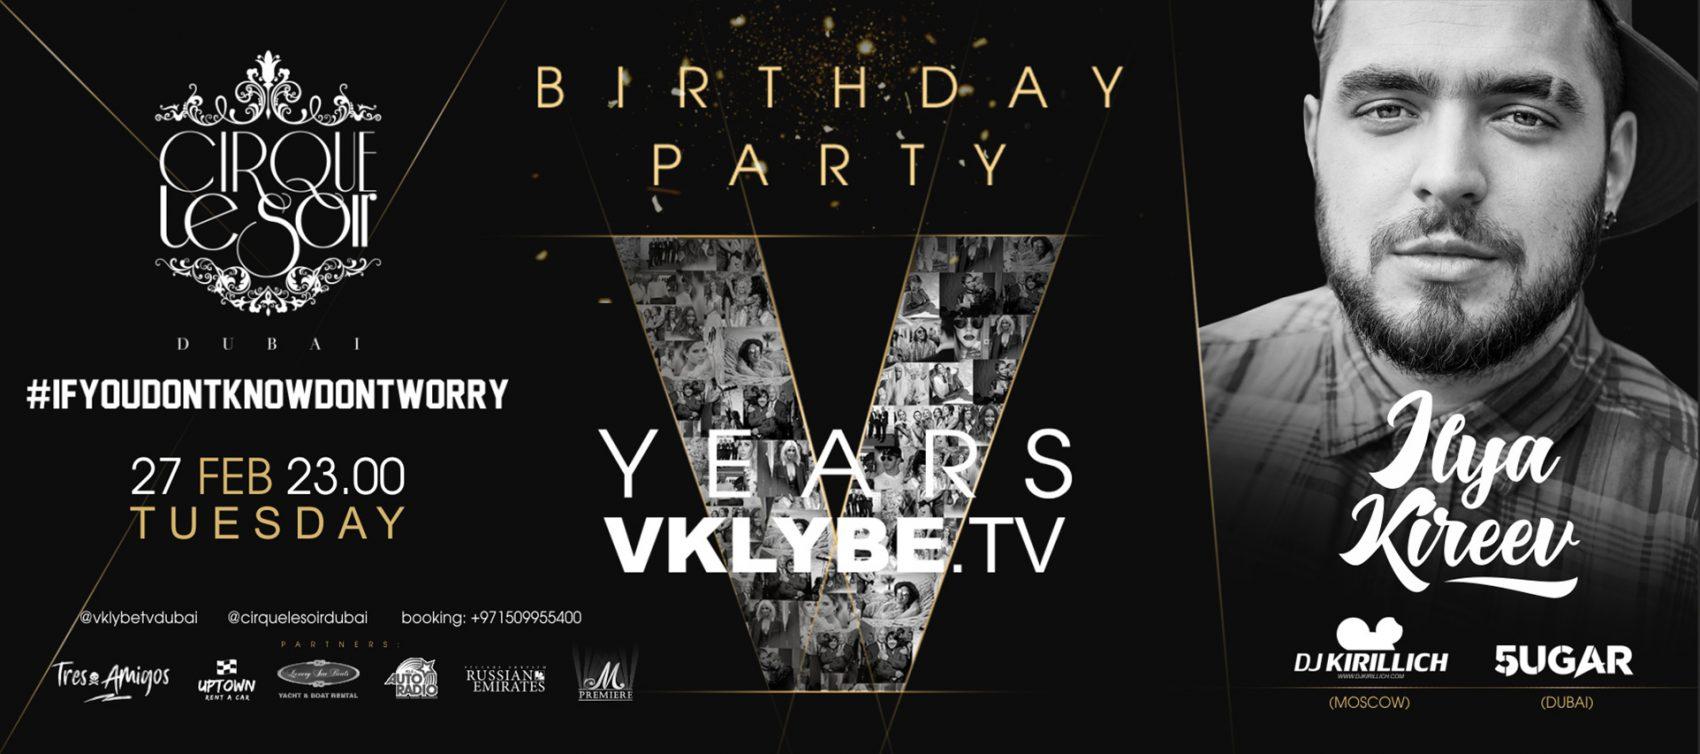 Legendary portal VKLYBE.TV | Dubai TURNS 5!!! - Coming Soon in UAE